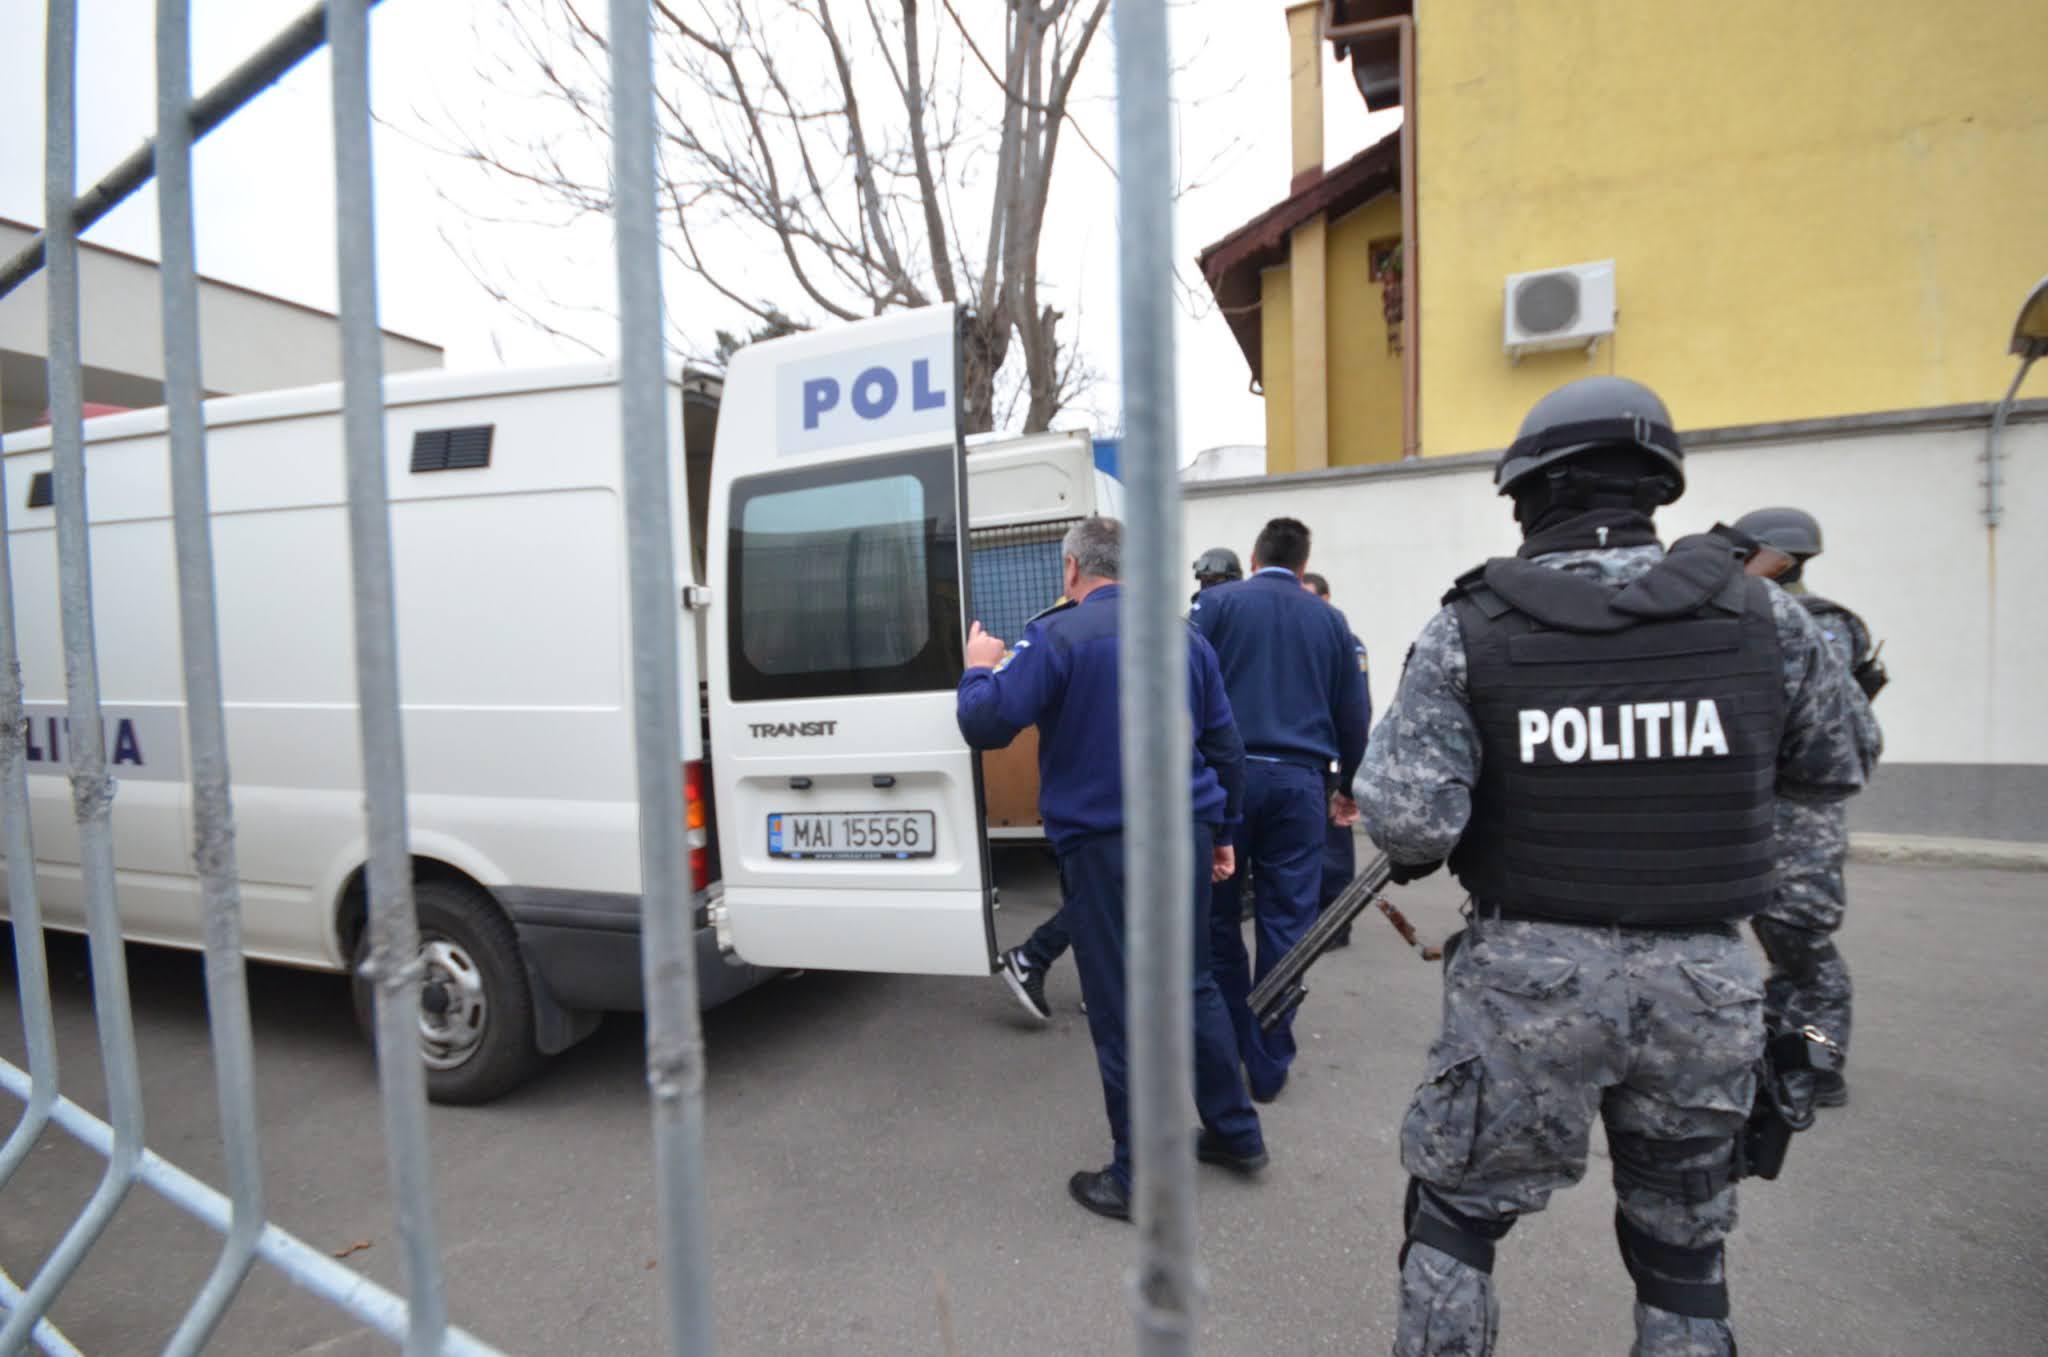 Bărbatul de 43 de ani a fost arestat preventiv pe data de 9 martie, iar la sârşitul lunii iunie a fost plasat în arest la domiciliu.